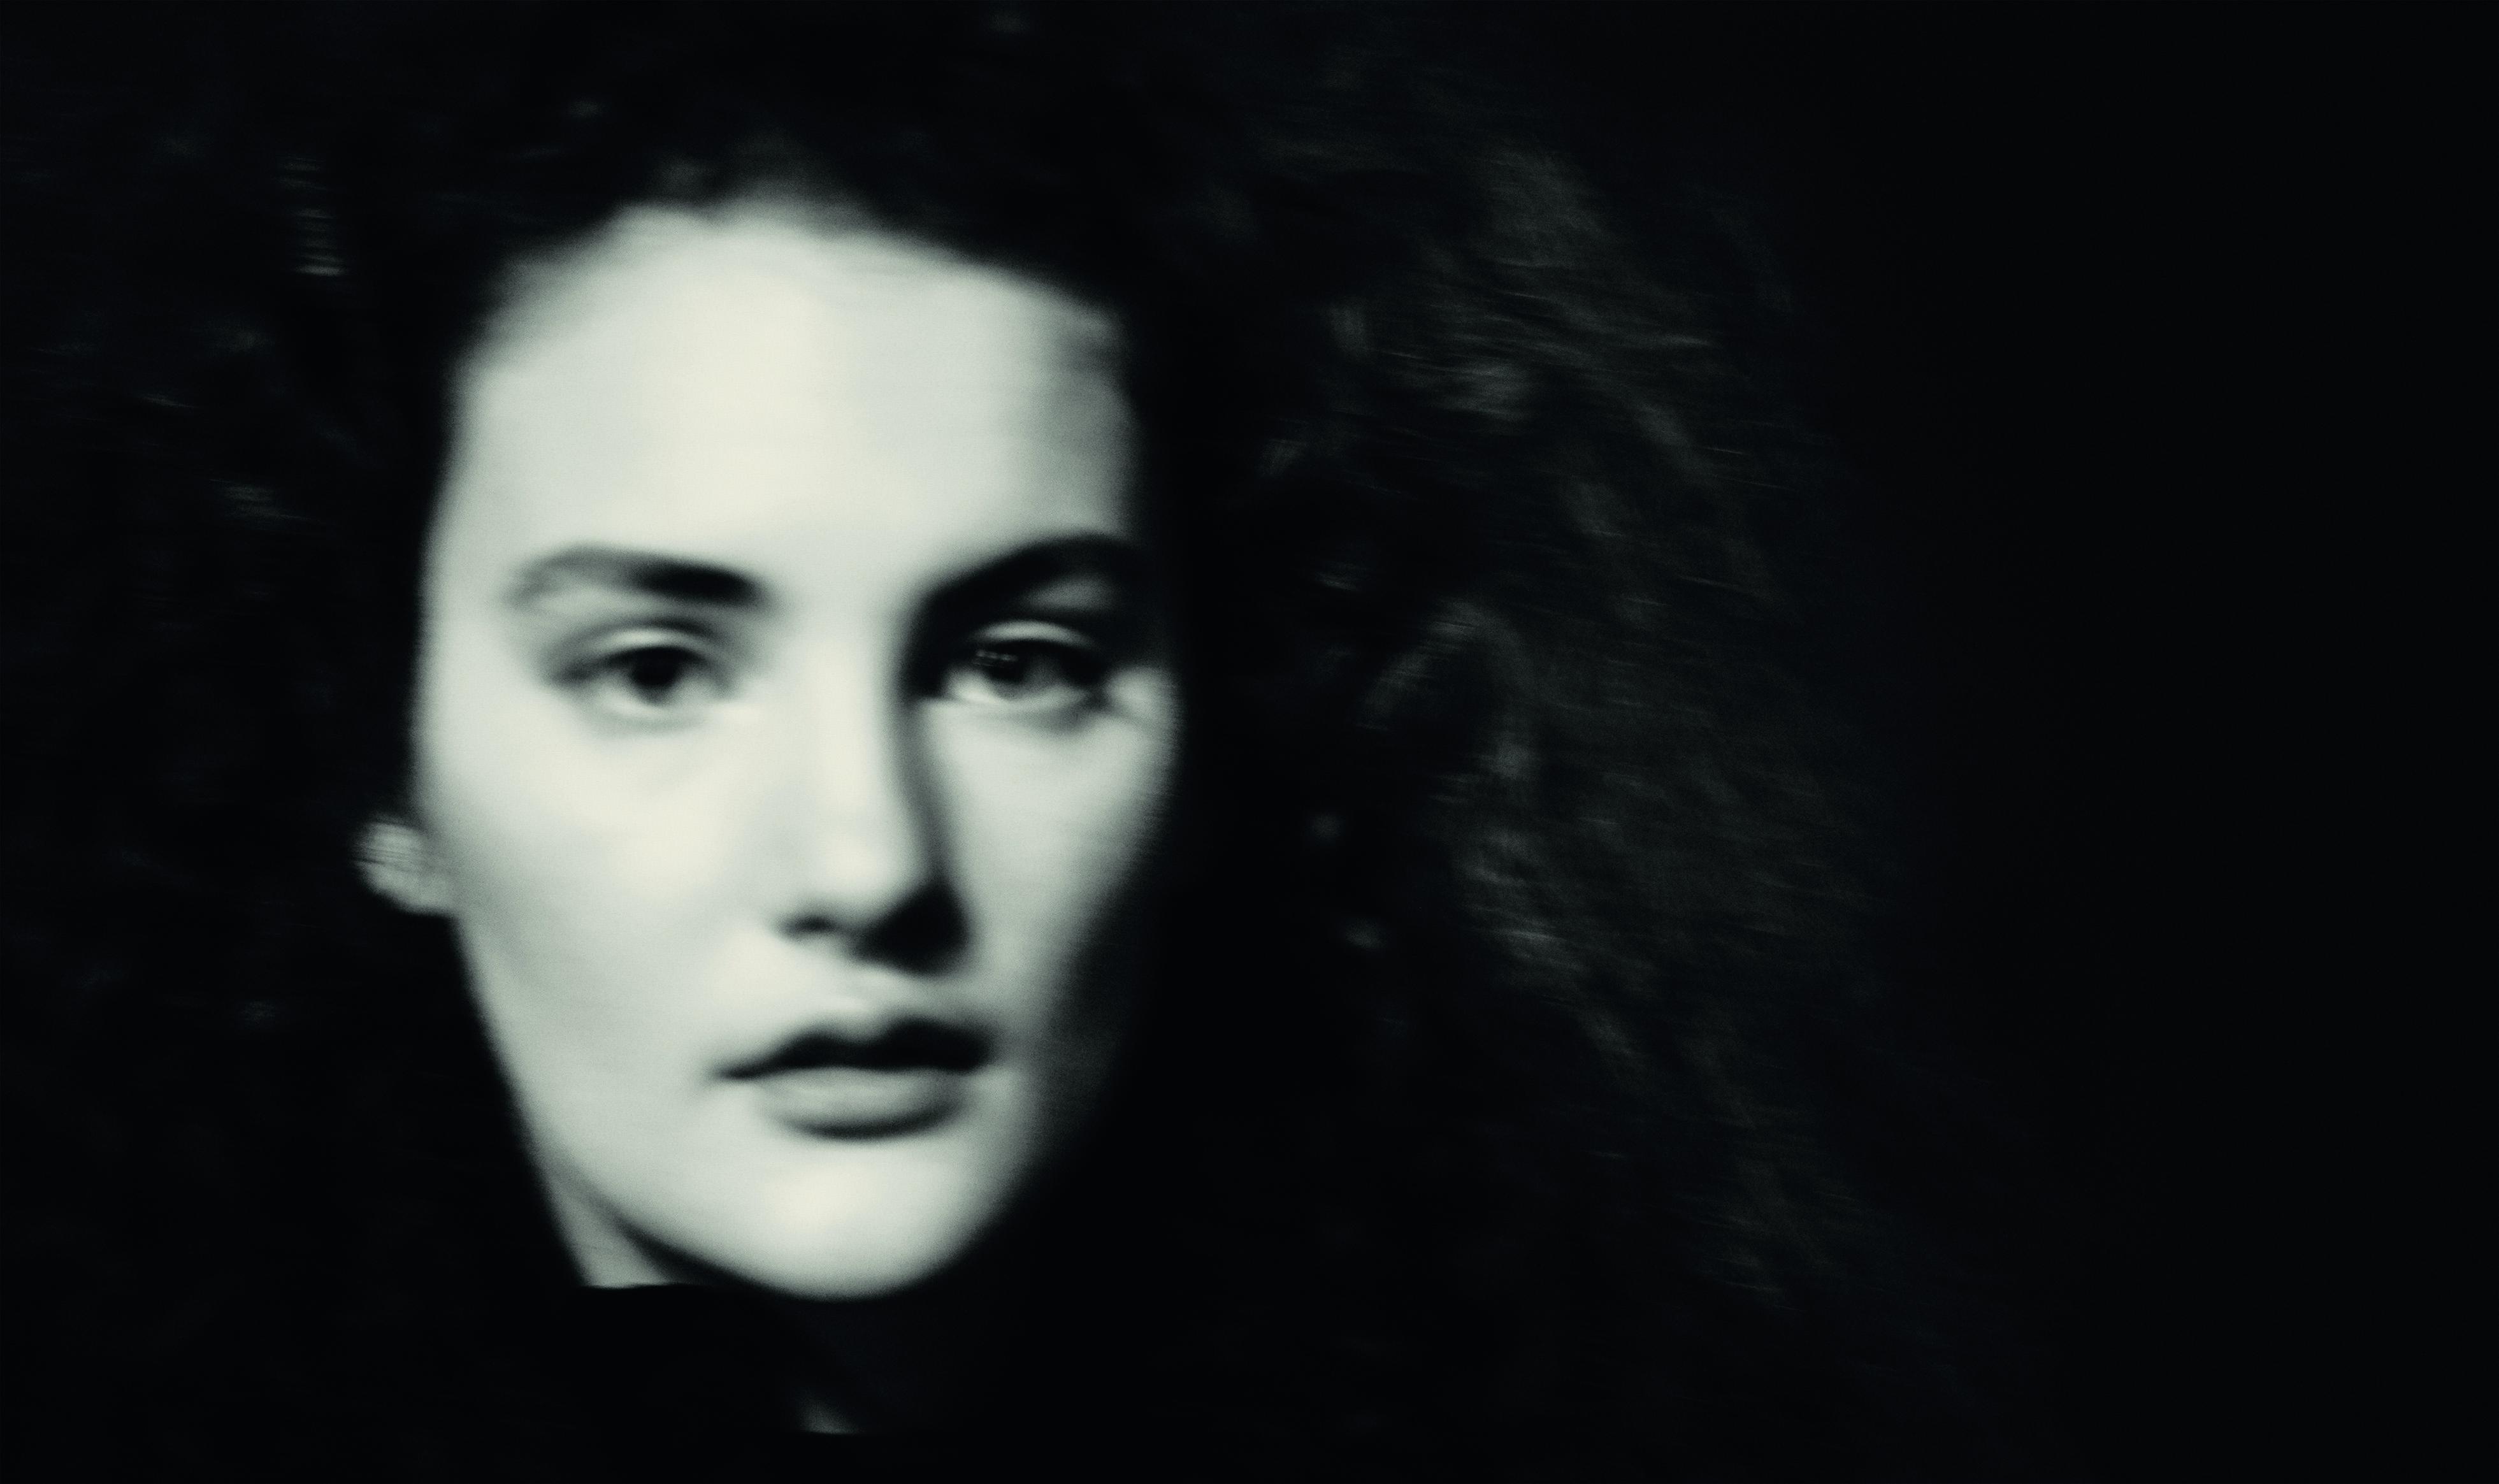 Stella Roversi, la hija del fotógrafo también participó del set y del calendario y posó bajo la lente de su padre en una fotografía en blanco y negro